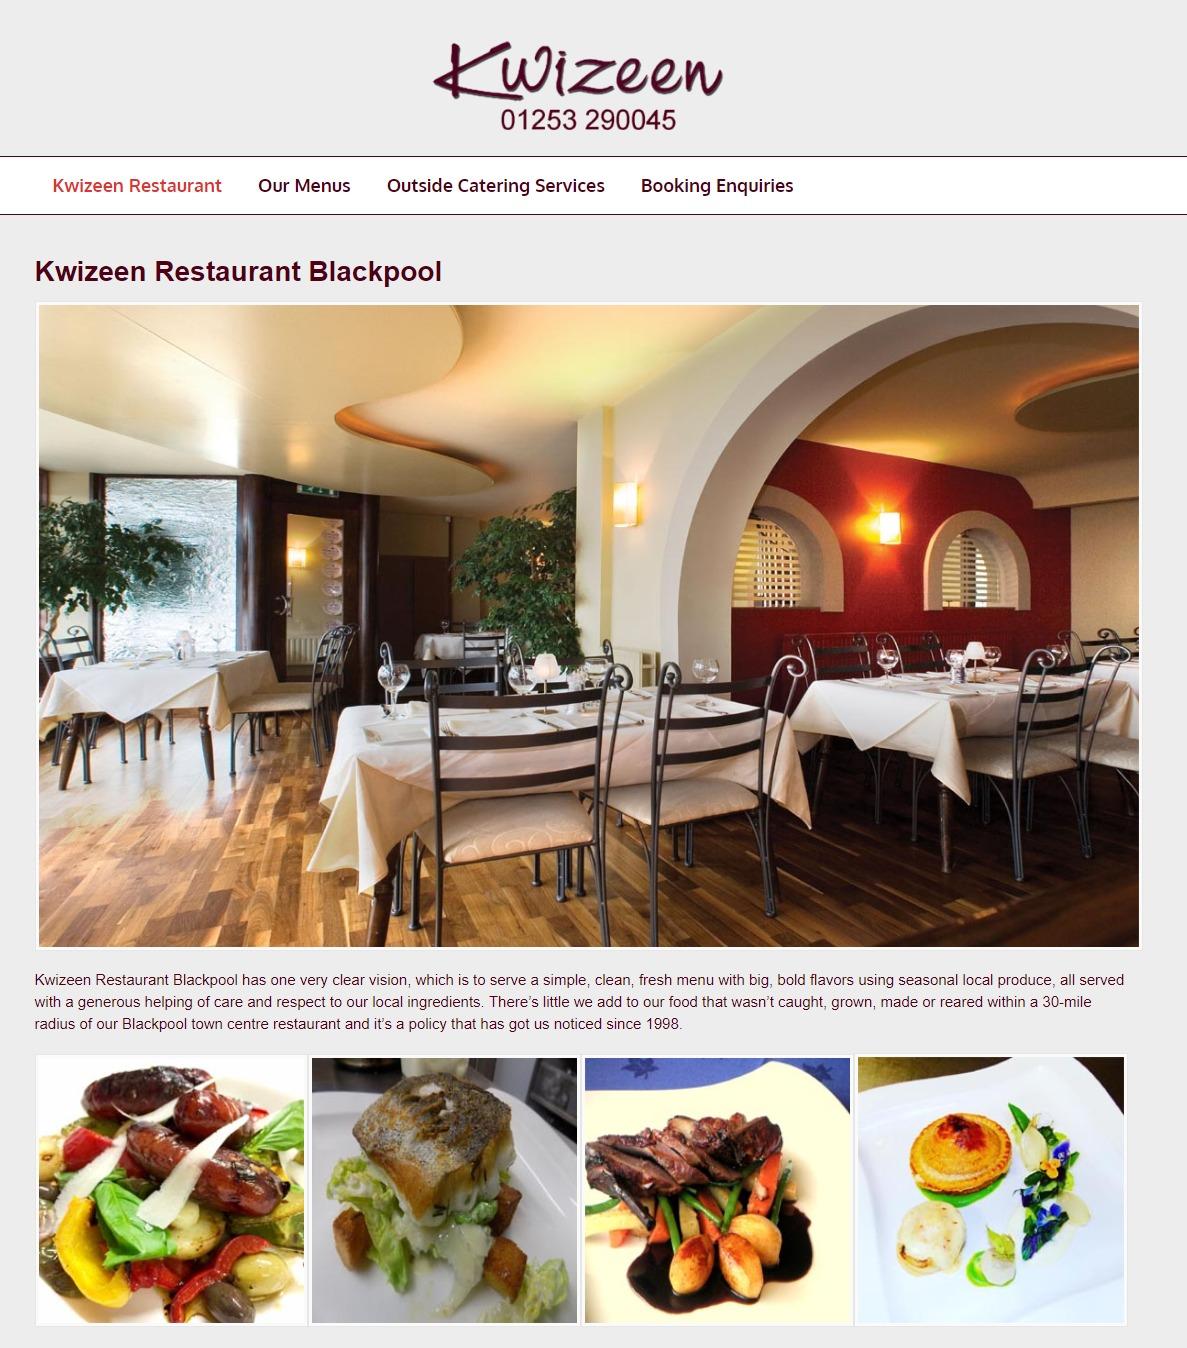 Kwizeen Restaurant Blackpool